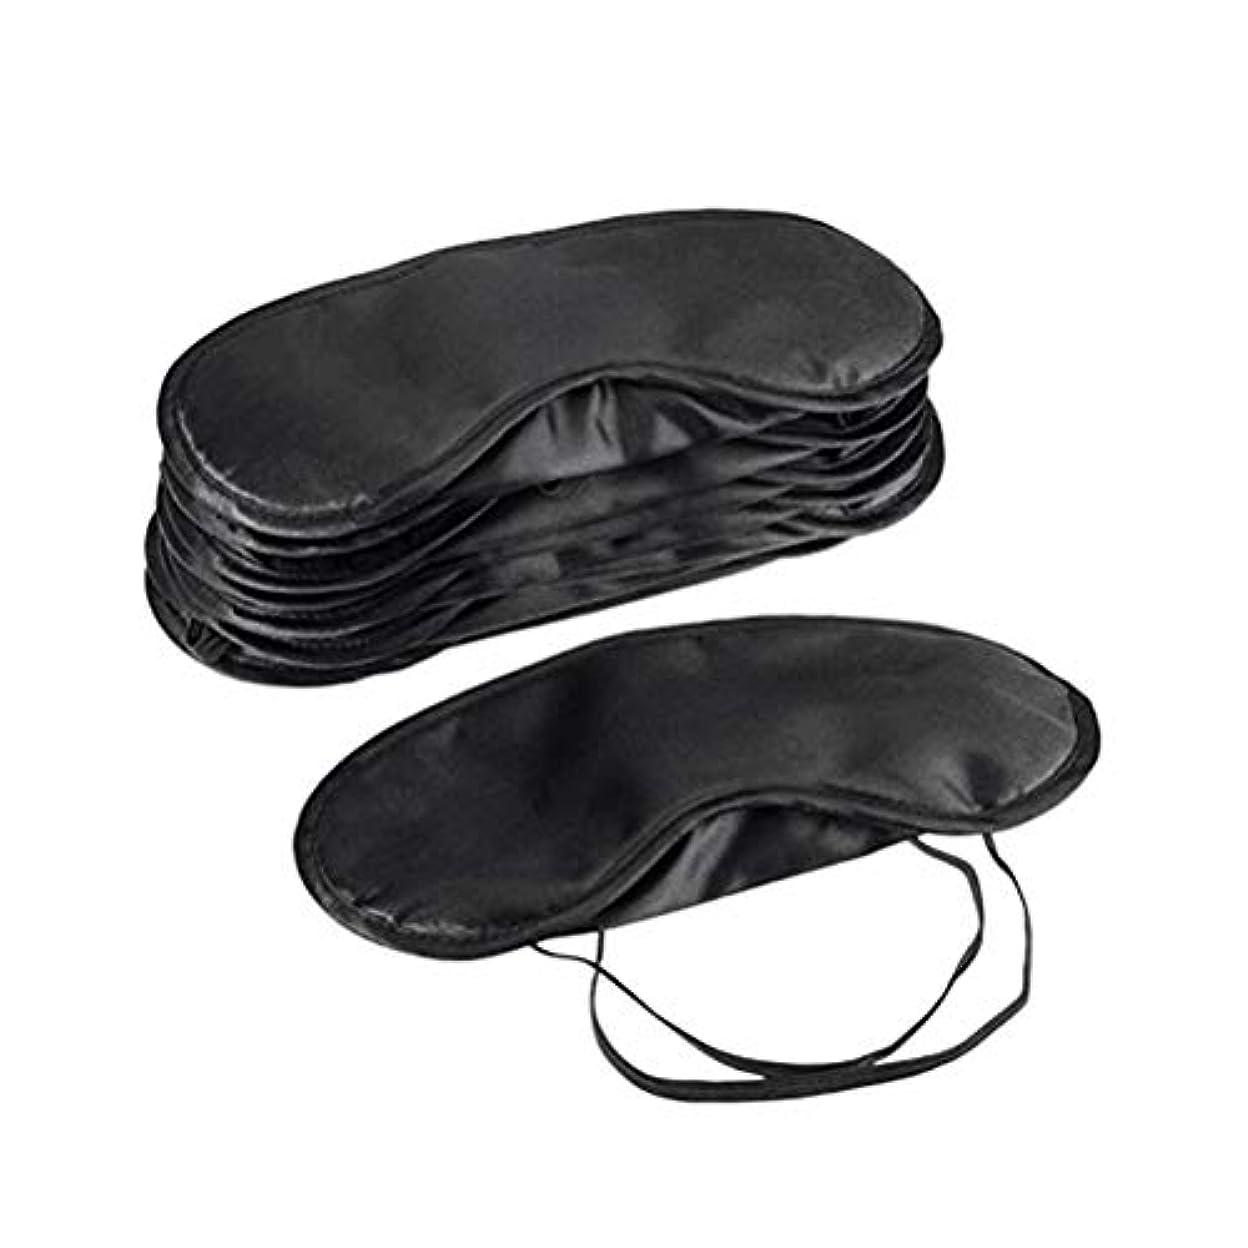 国籍ブルーベル巻き取りBeaupretty 30ピースポリエステル睡眠アイマスク目隠しシェーディングアイパッチ軽量で快適なアイマスクアイプロテクション用航空トレーニング(ブラック)